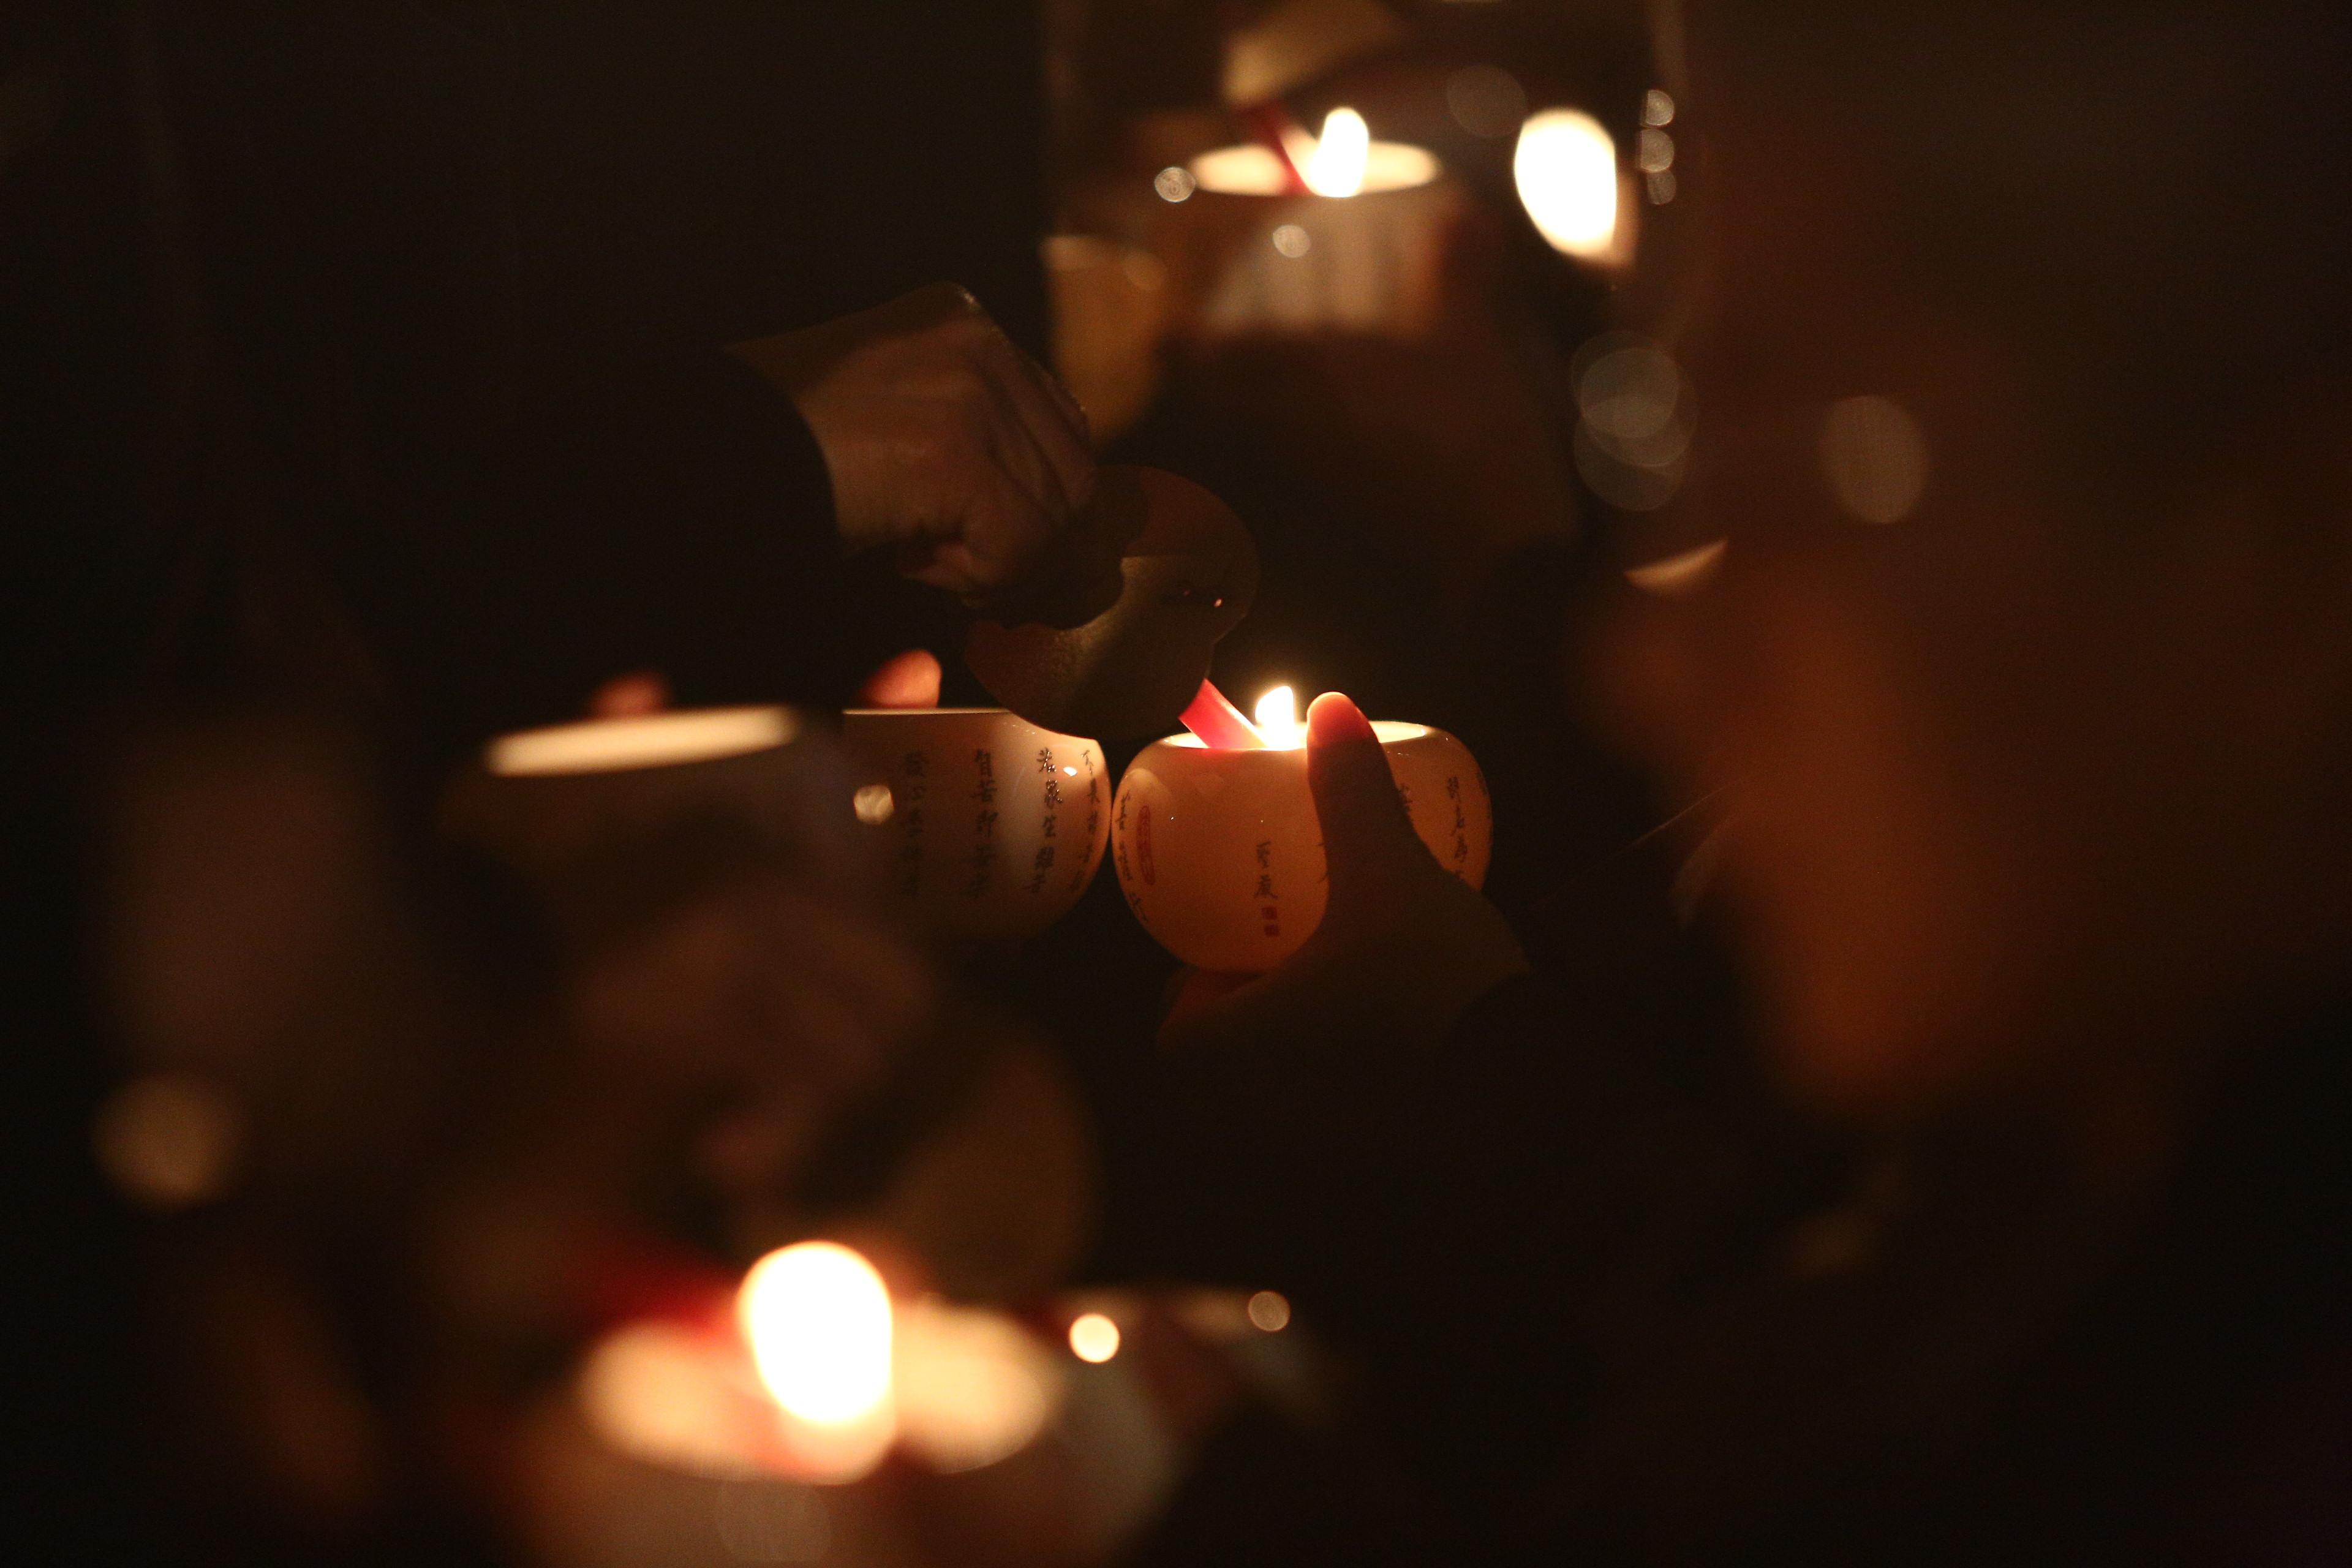 燈燈相傳、願願相續。以傳燈緬懷聖嚴法師